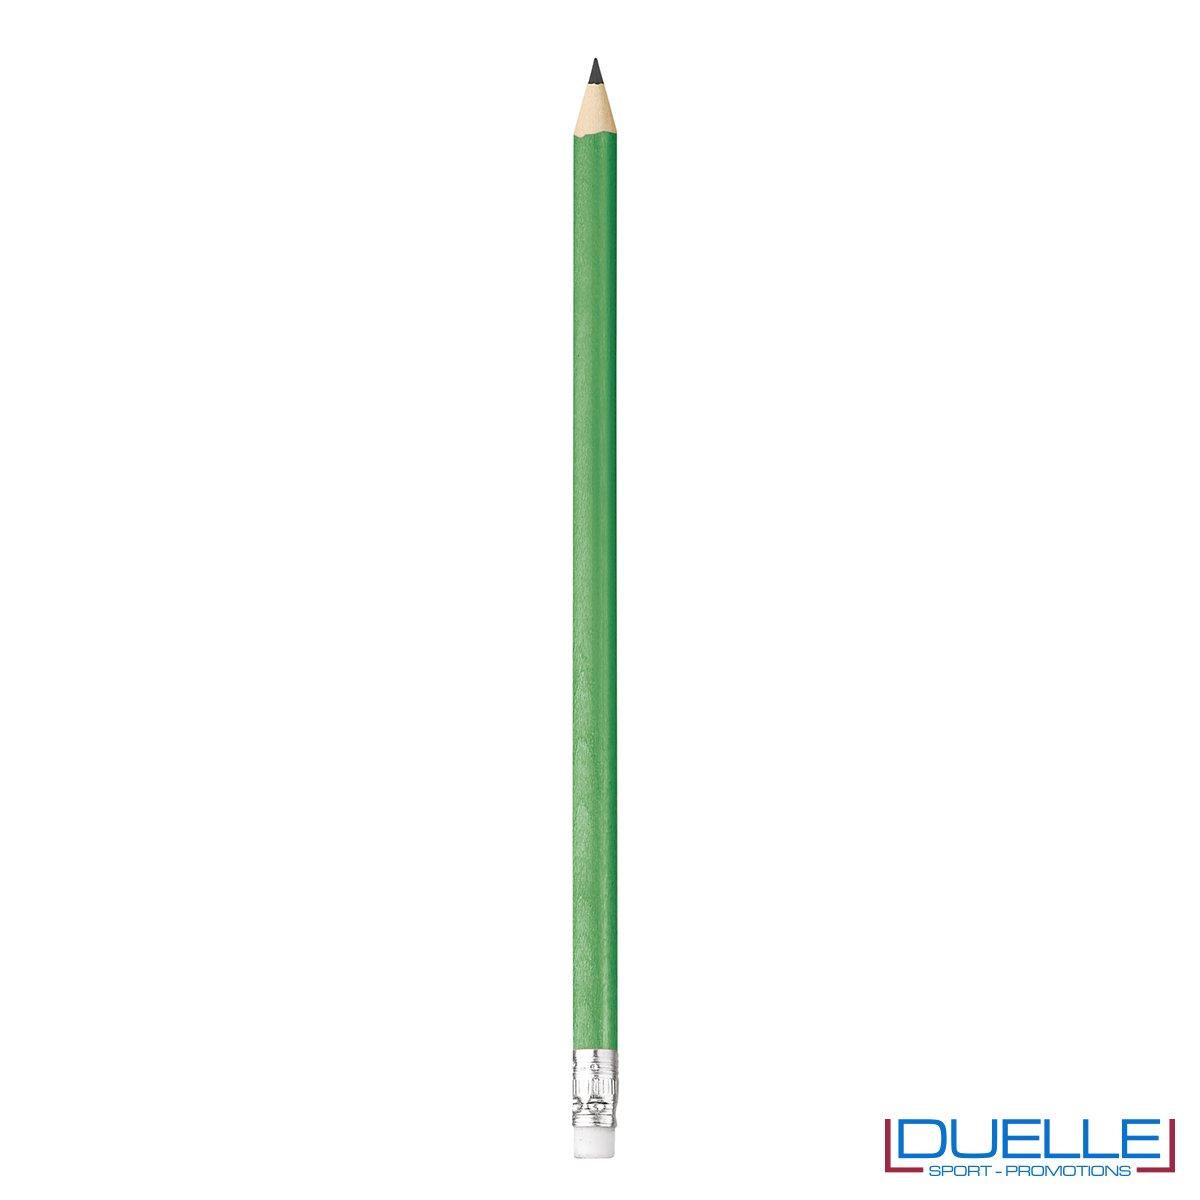 matita personalizzabile legno 100% naturale verde con gomma incorporata, gadget da scrivania